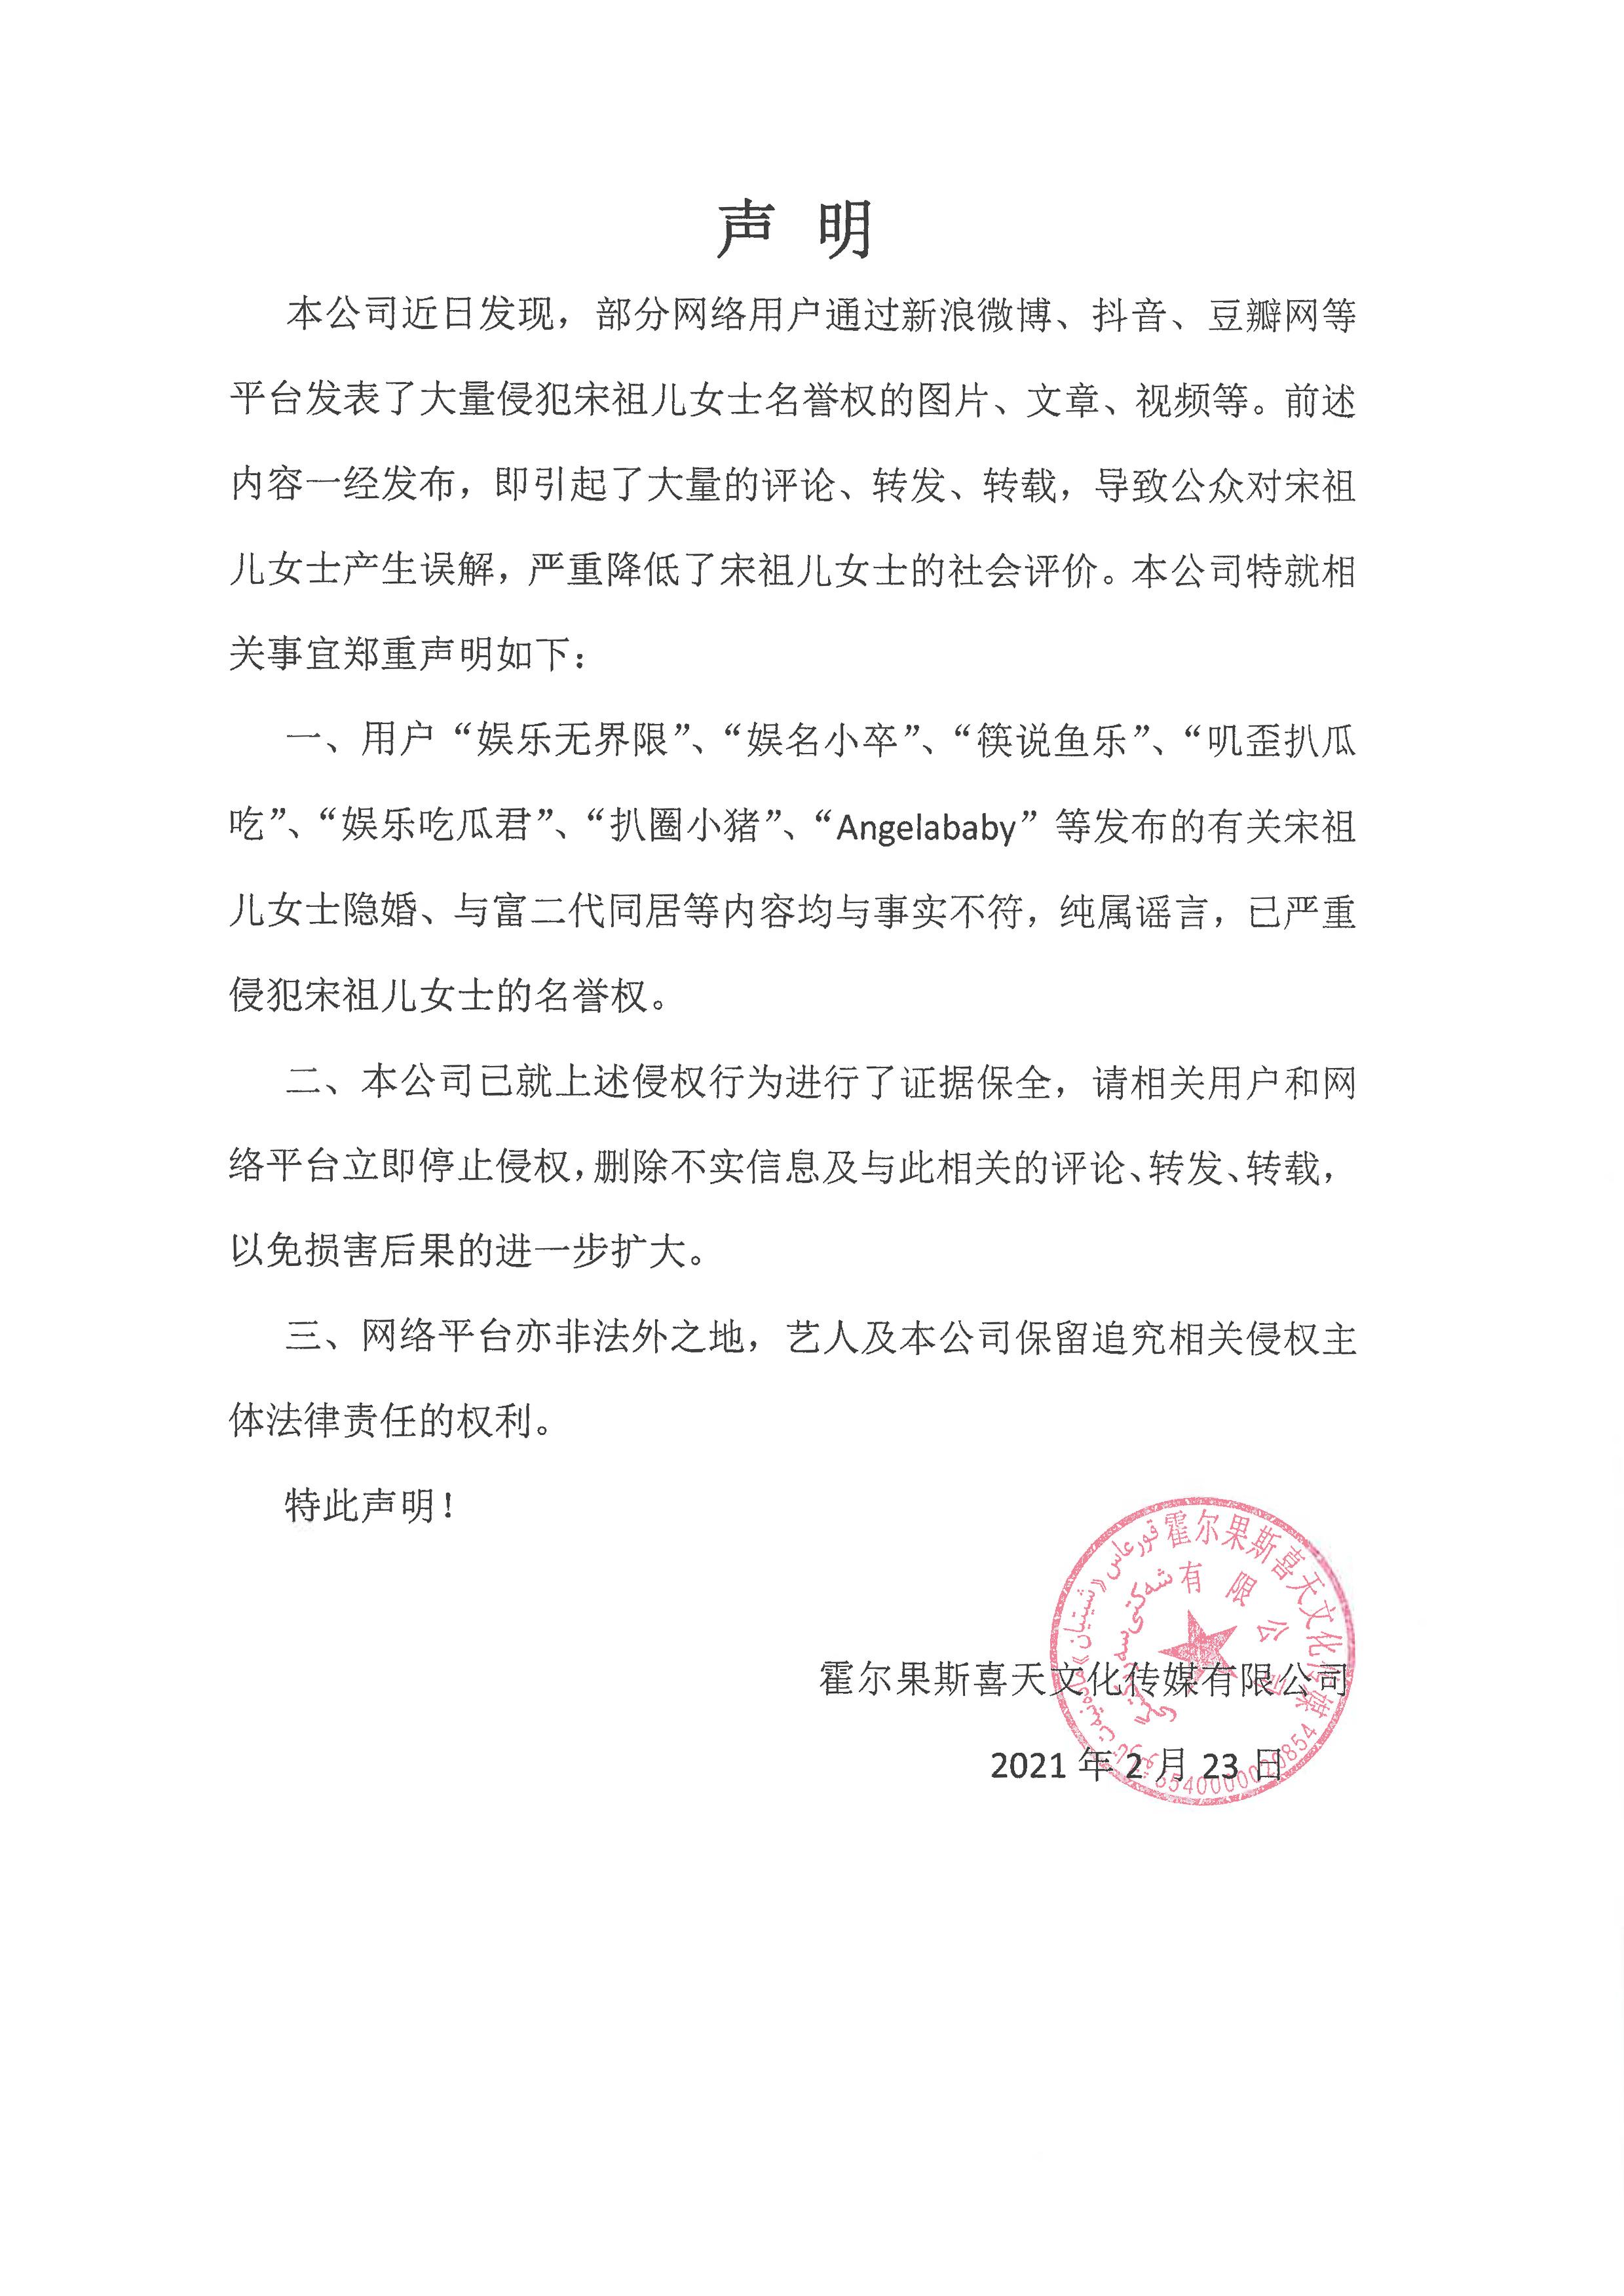 宋祖儿工作室发布声明。